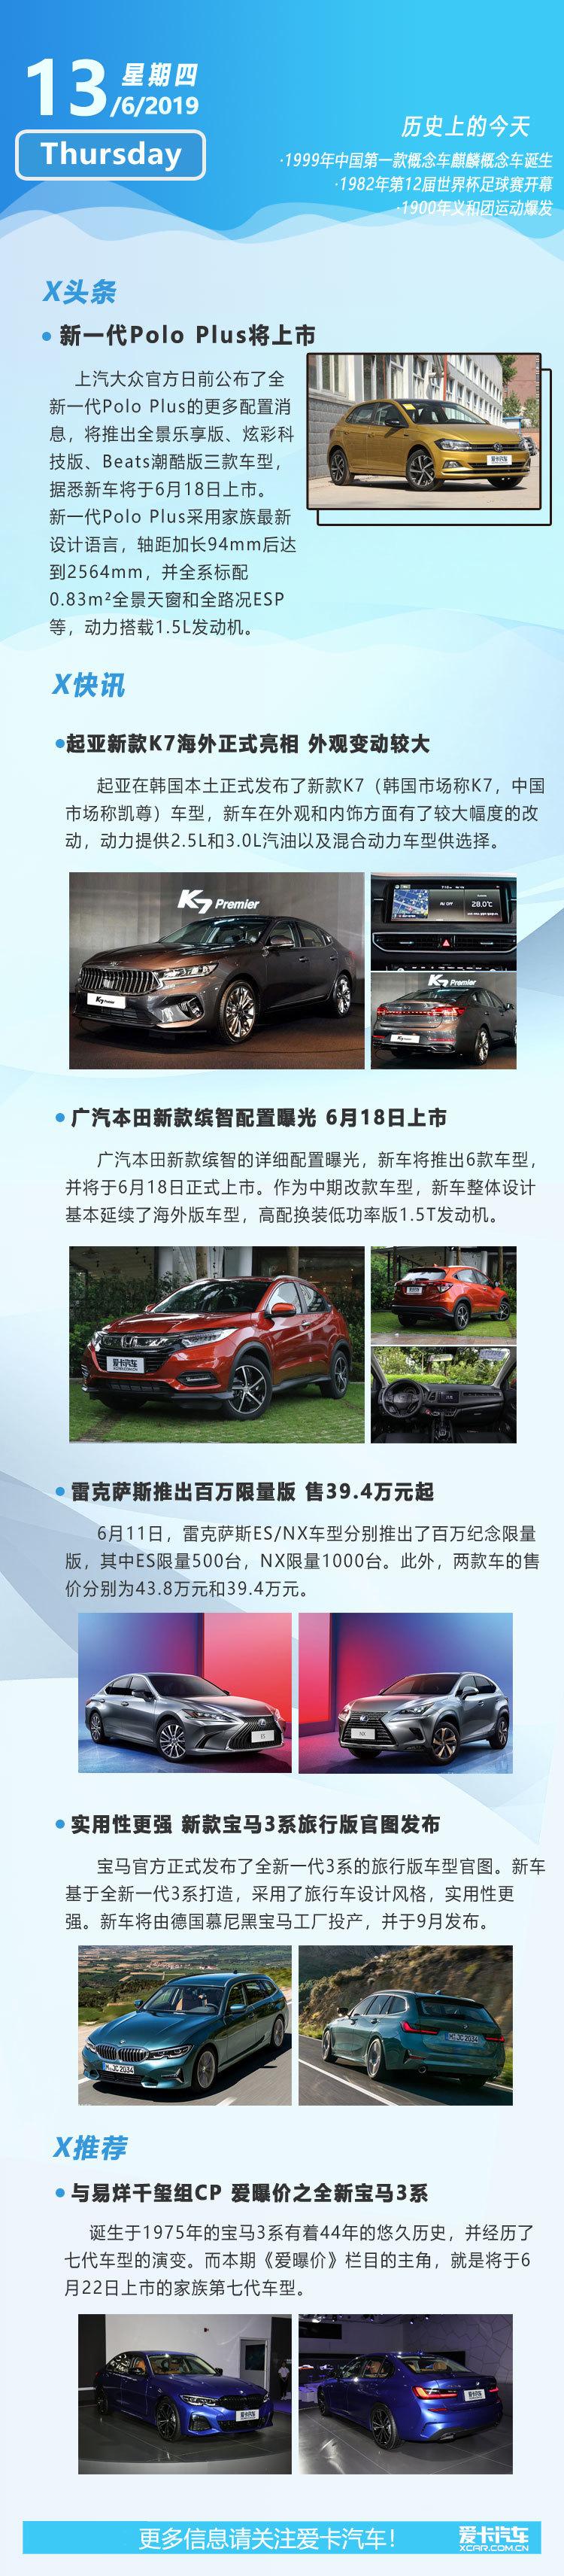 6月13日早报 新一代Polo Plus/新缤智等